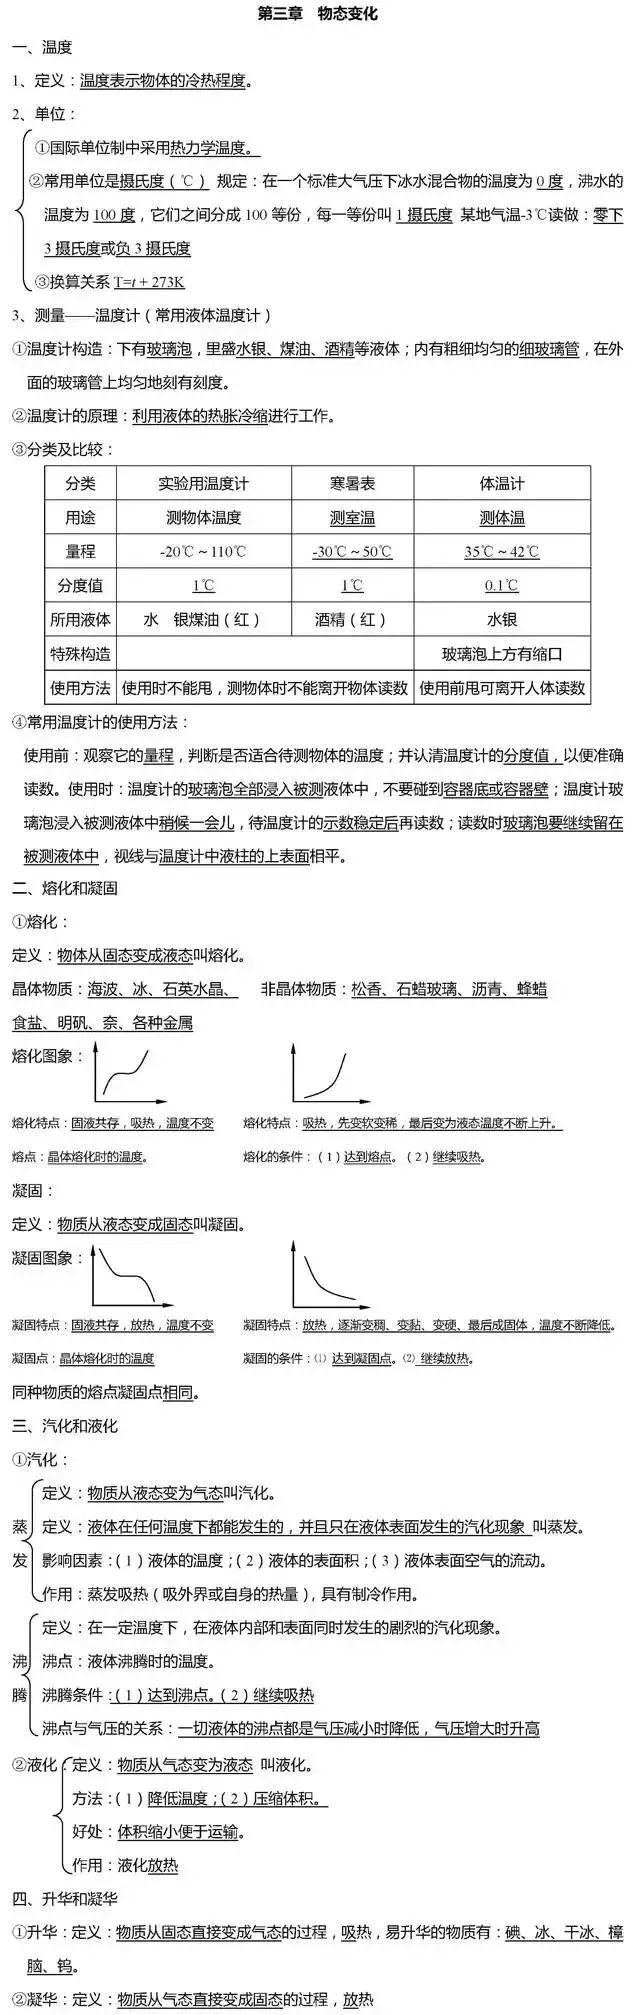 物理3.jpg